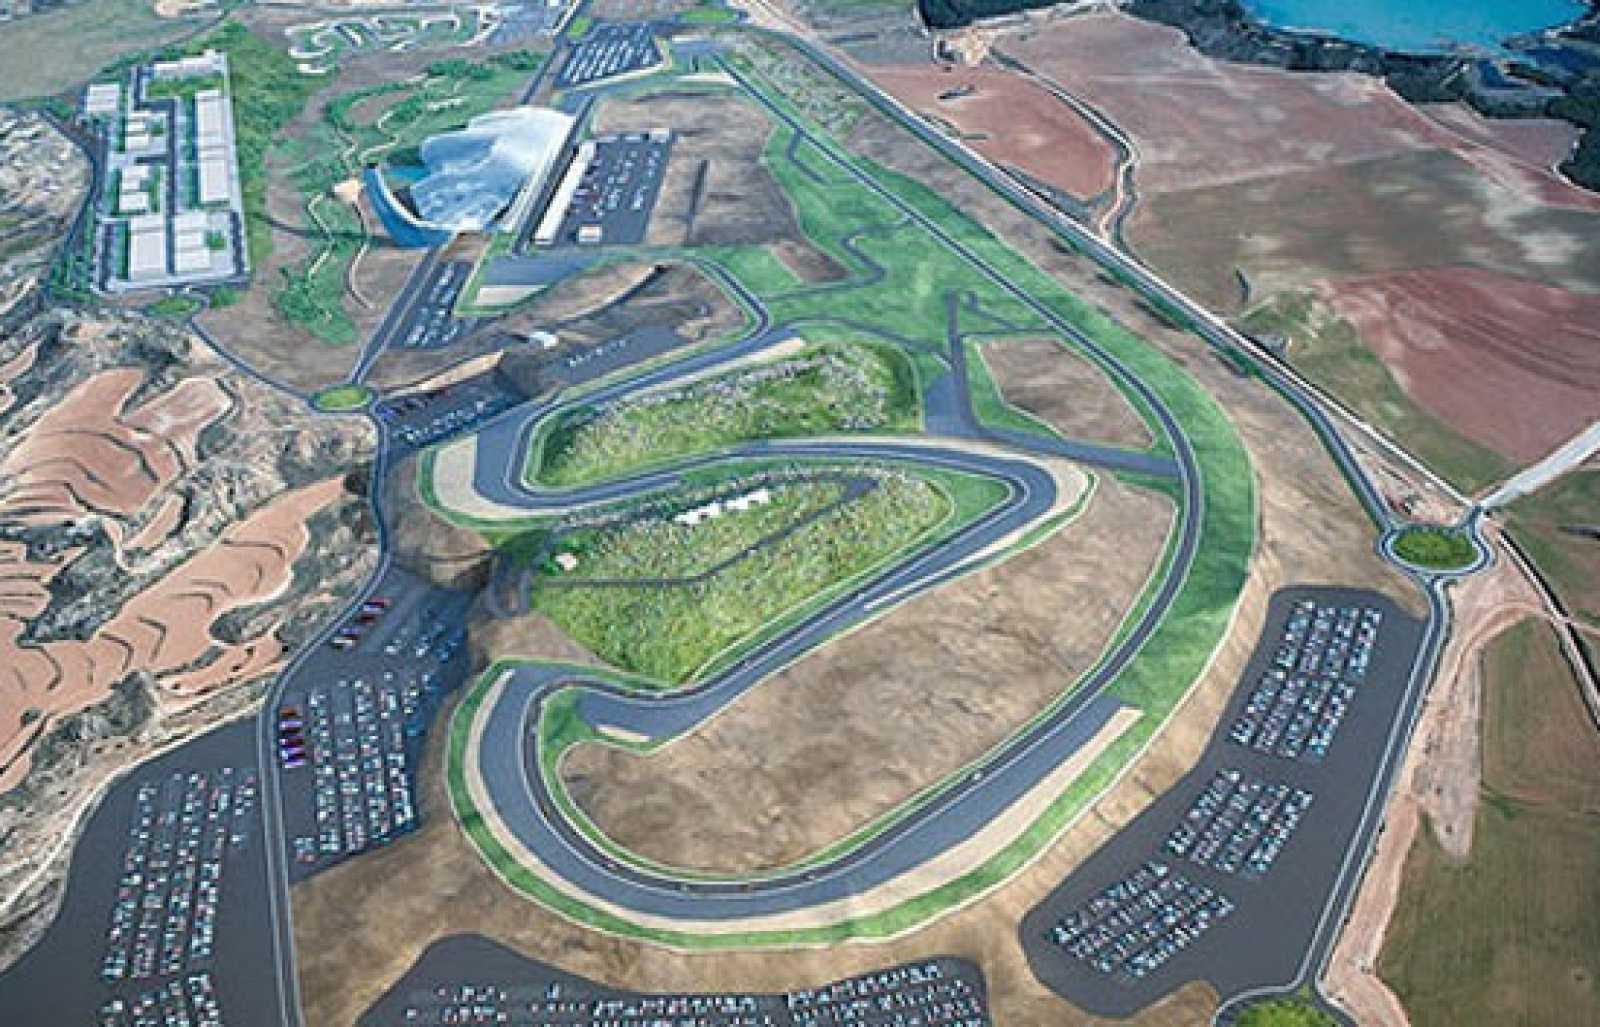 Circuito Motorland : Motorland uno de los mejores circuitos del mundo rtve.es